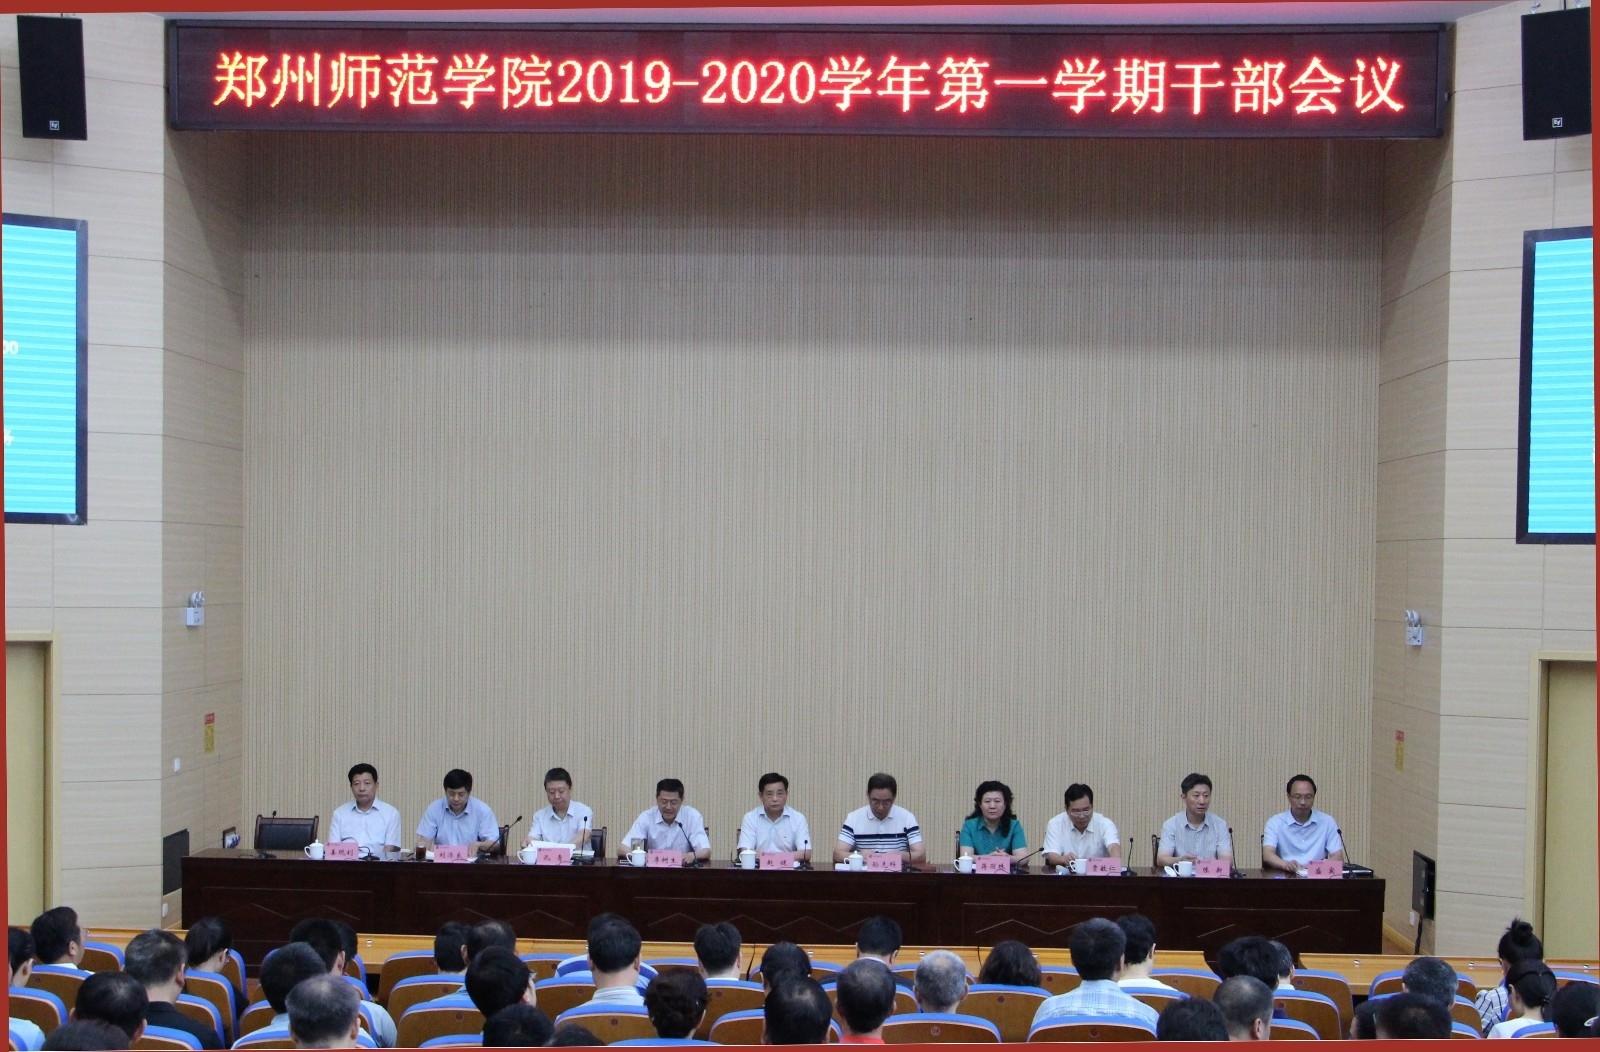 郑州师范学院召开新学期干部大会